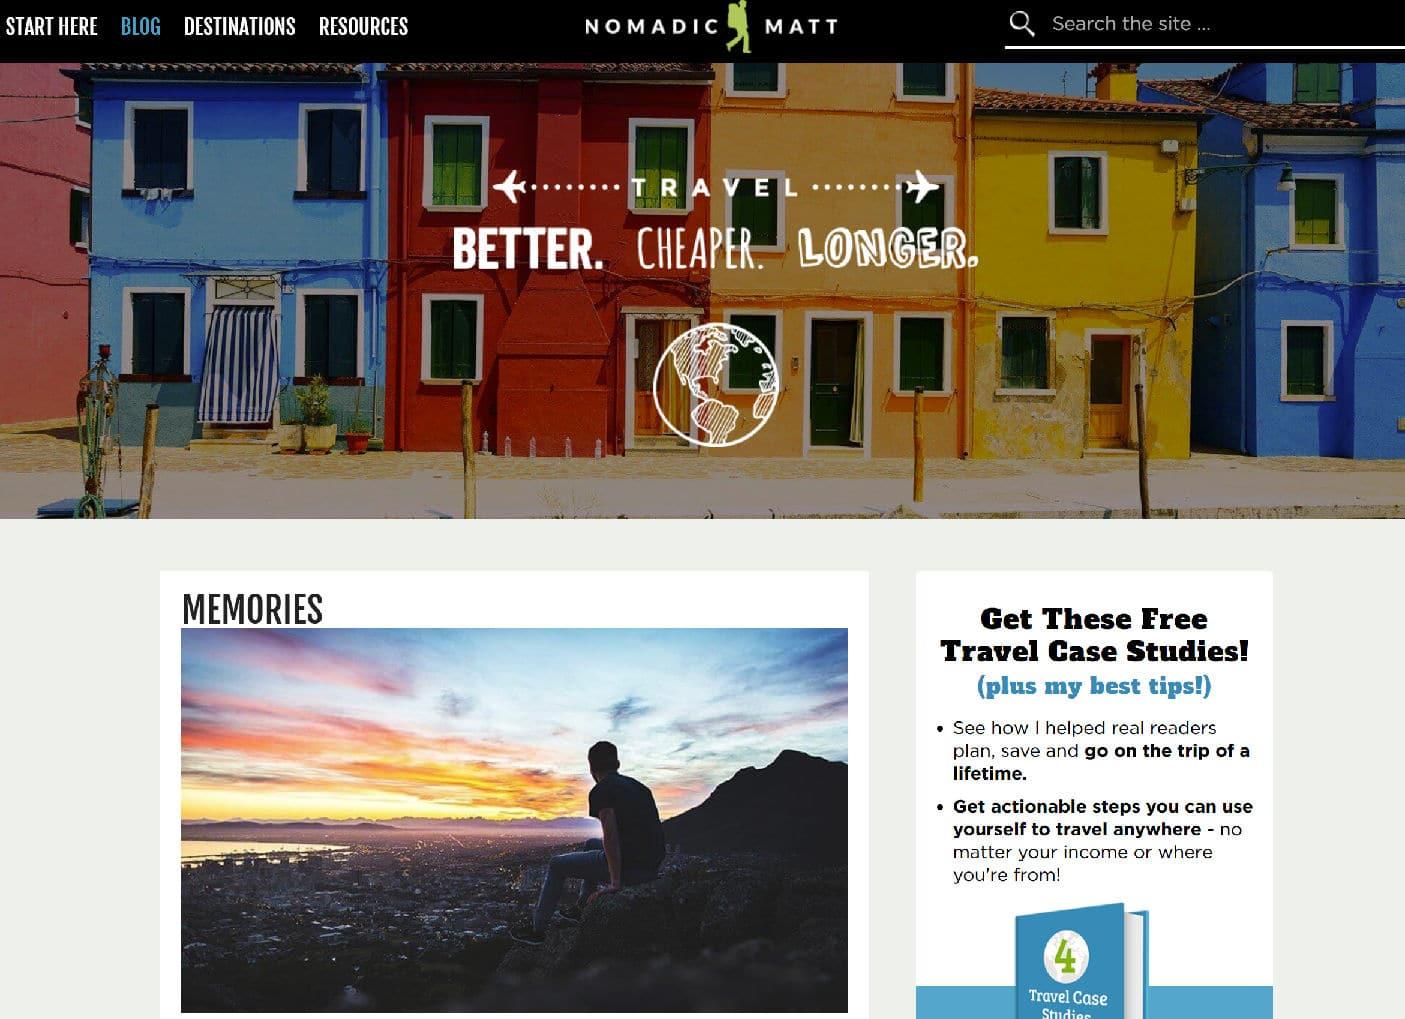 Blog de viagens Nomadic Matt